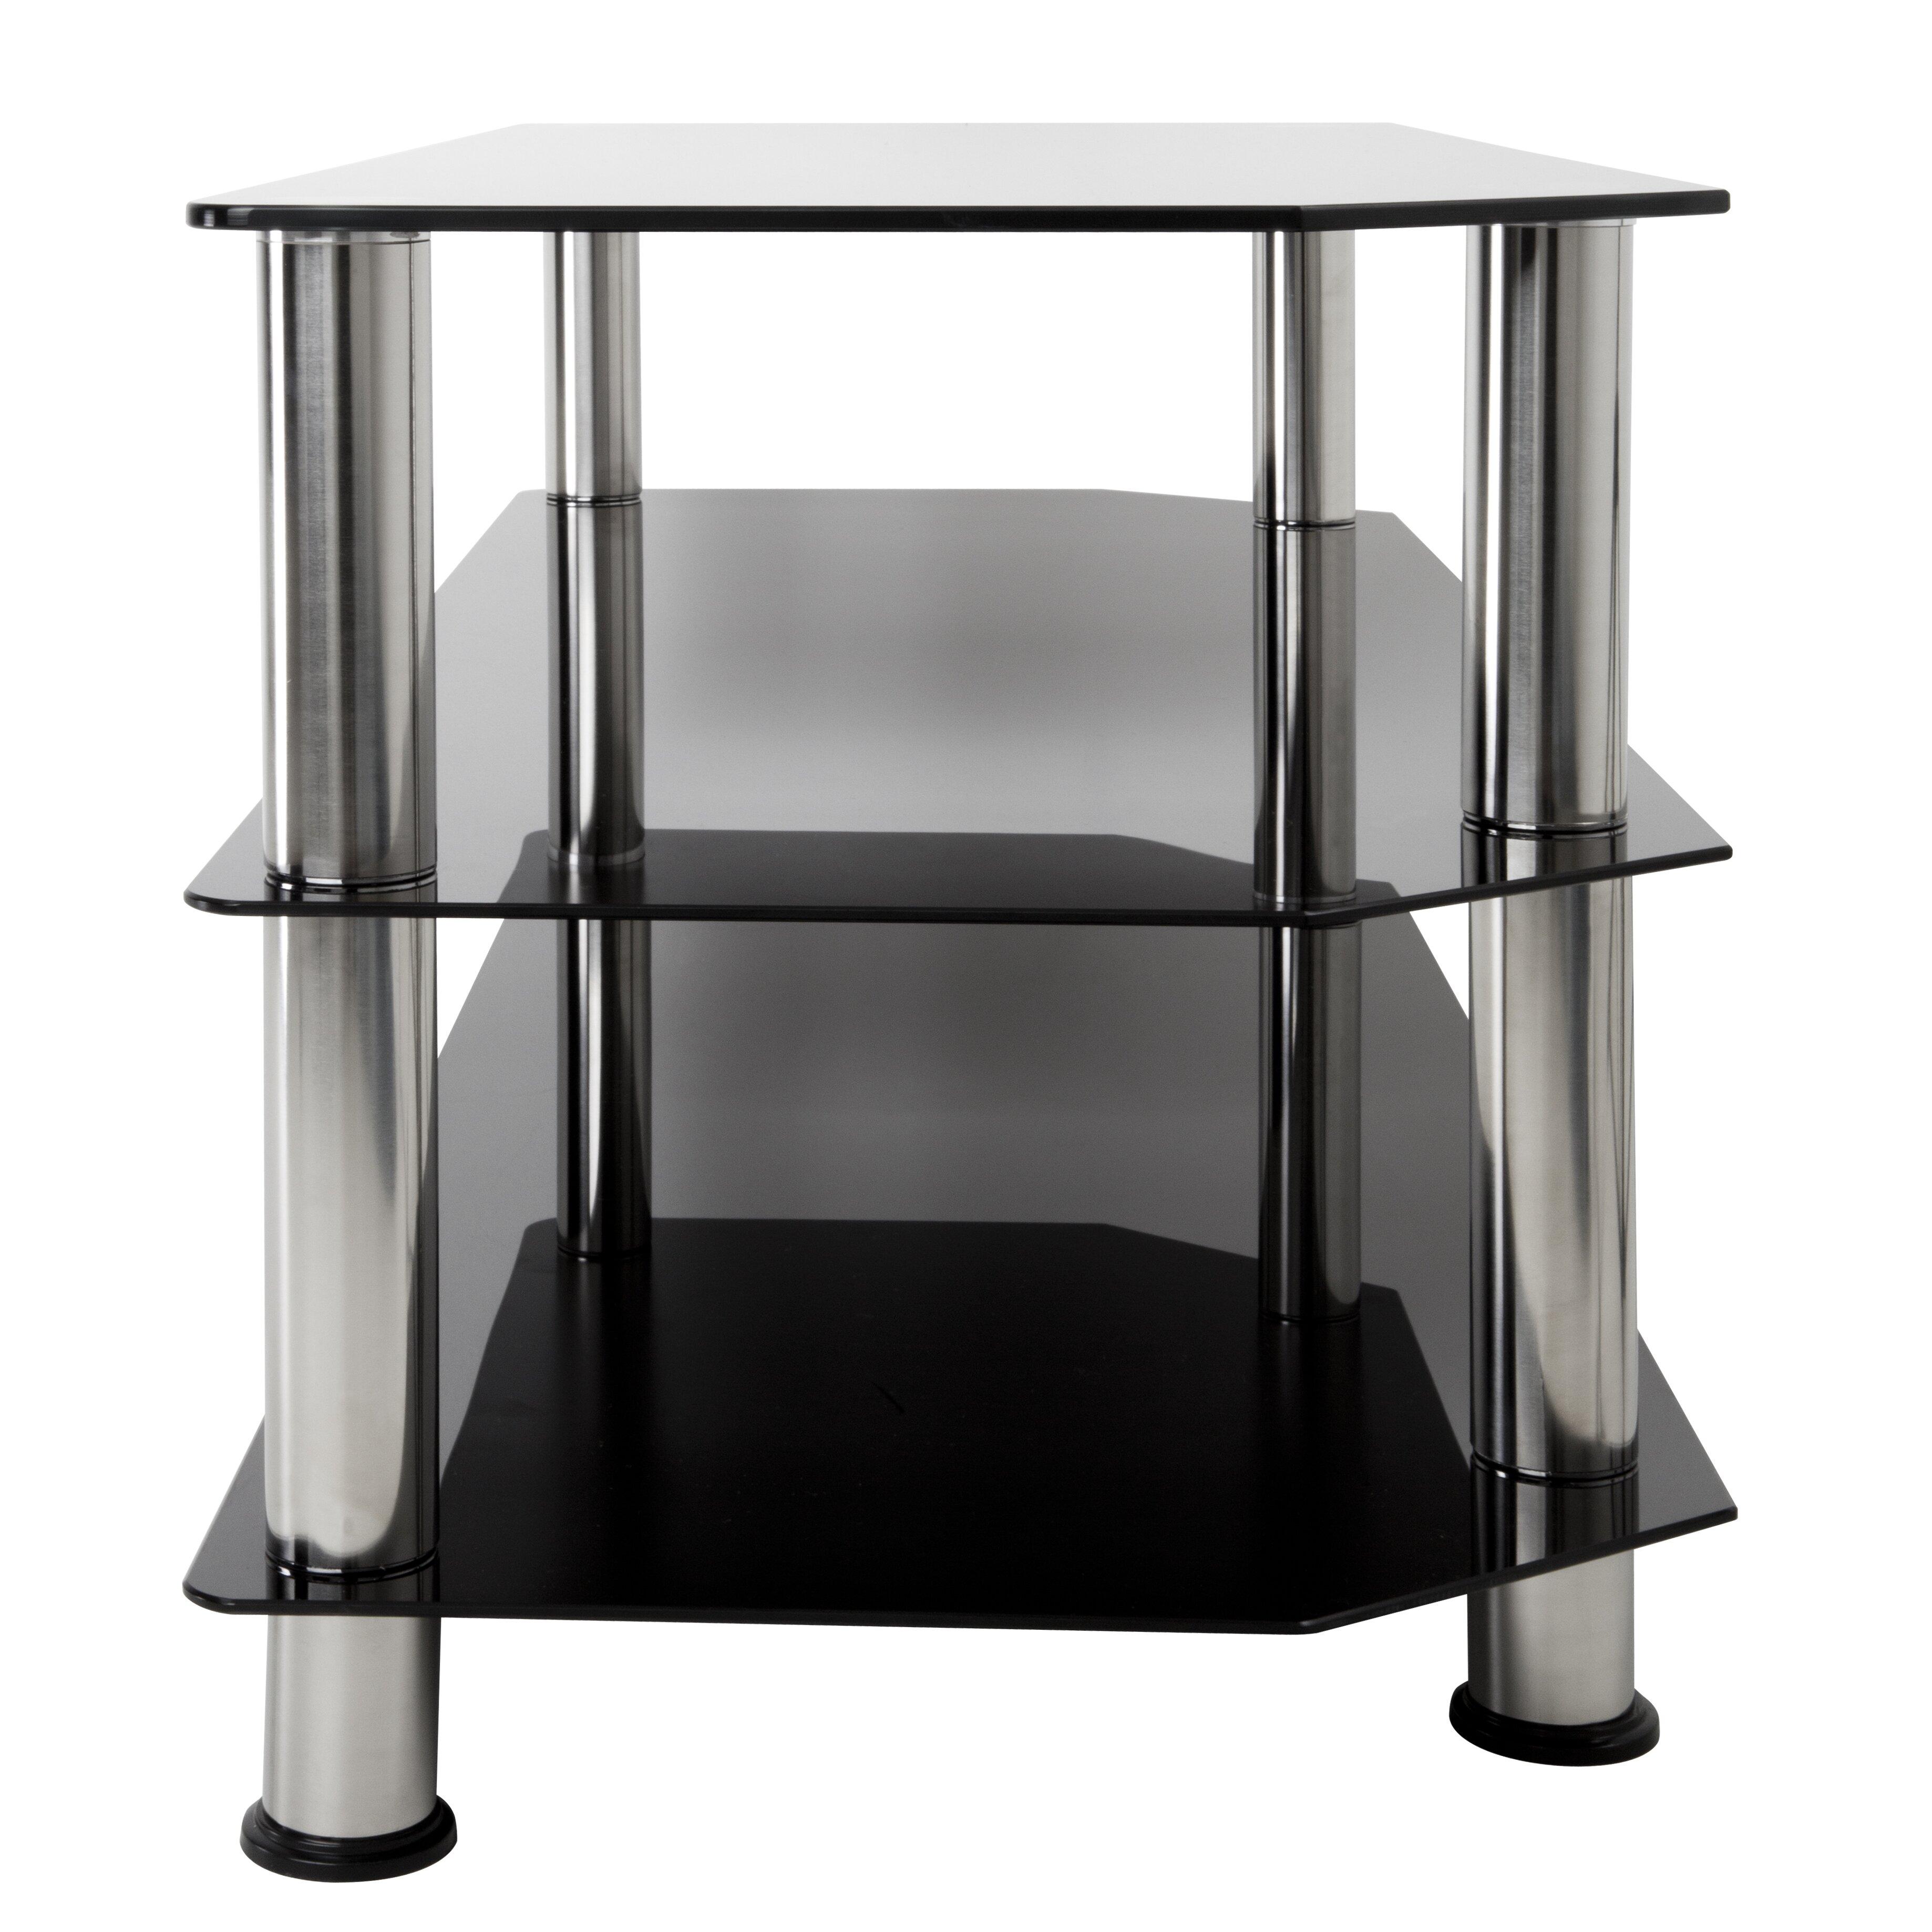 Avf tv stand reviews for Avf furniture